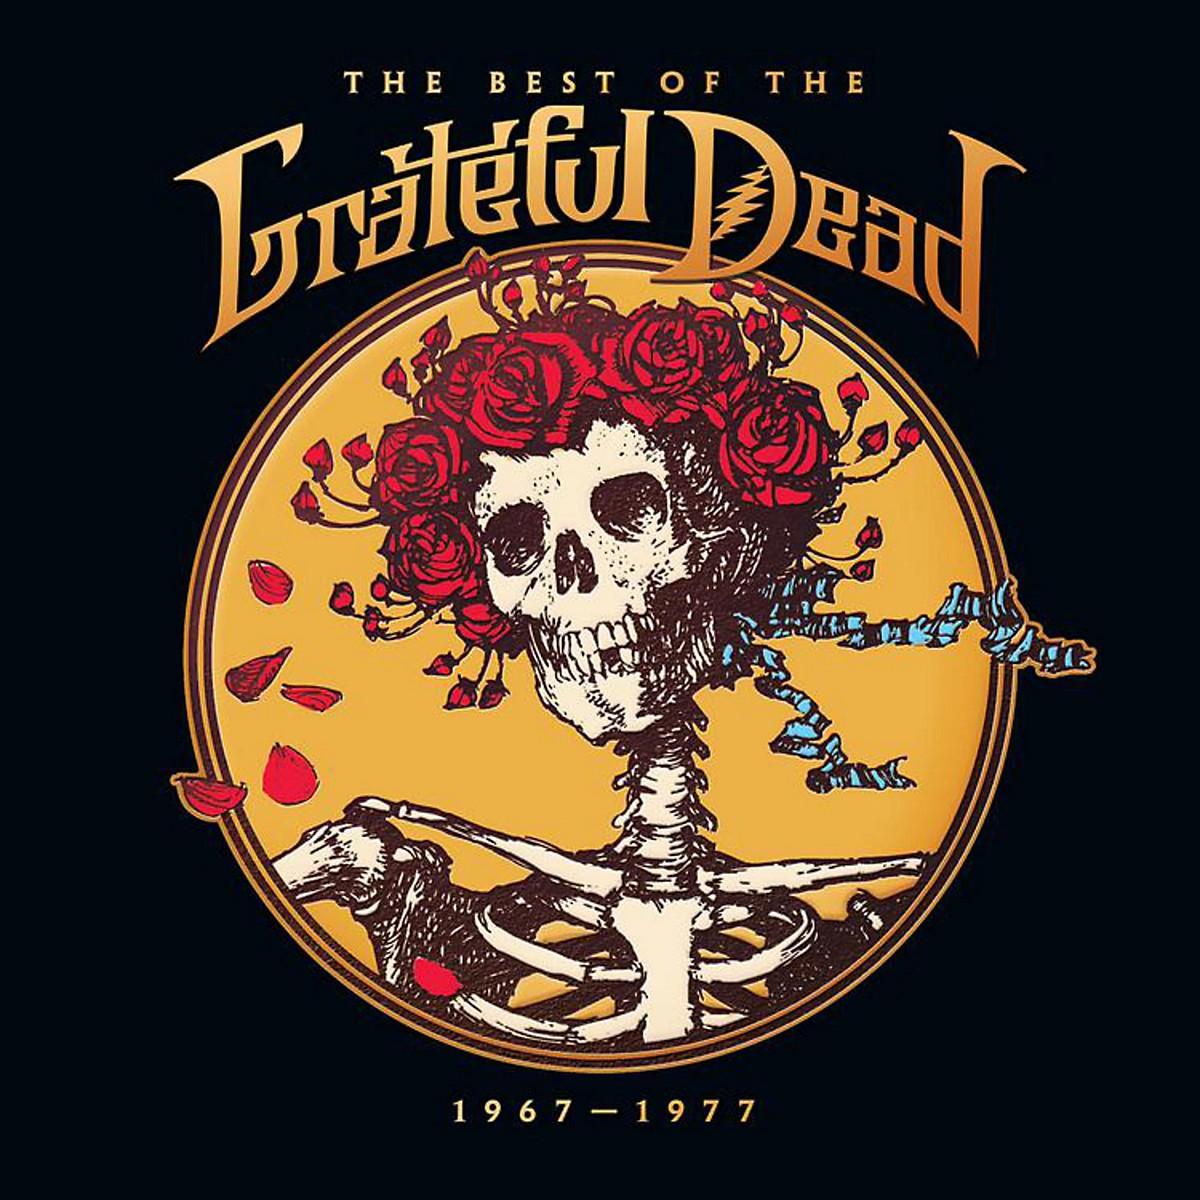 WEA Grateful Dead - The Best of the Grateful Dead 1967-1977 Vinyl LP